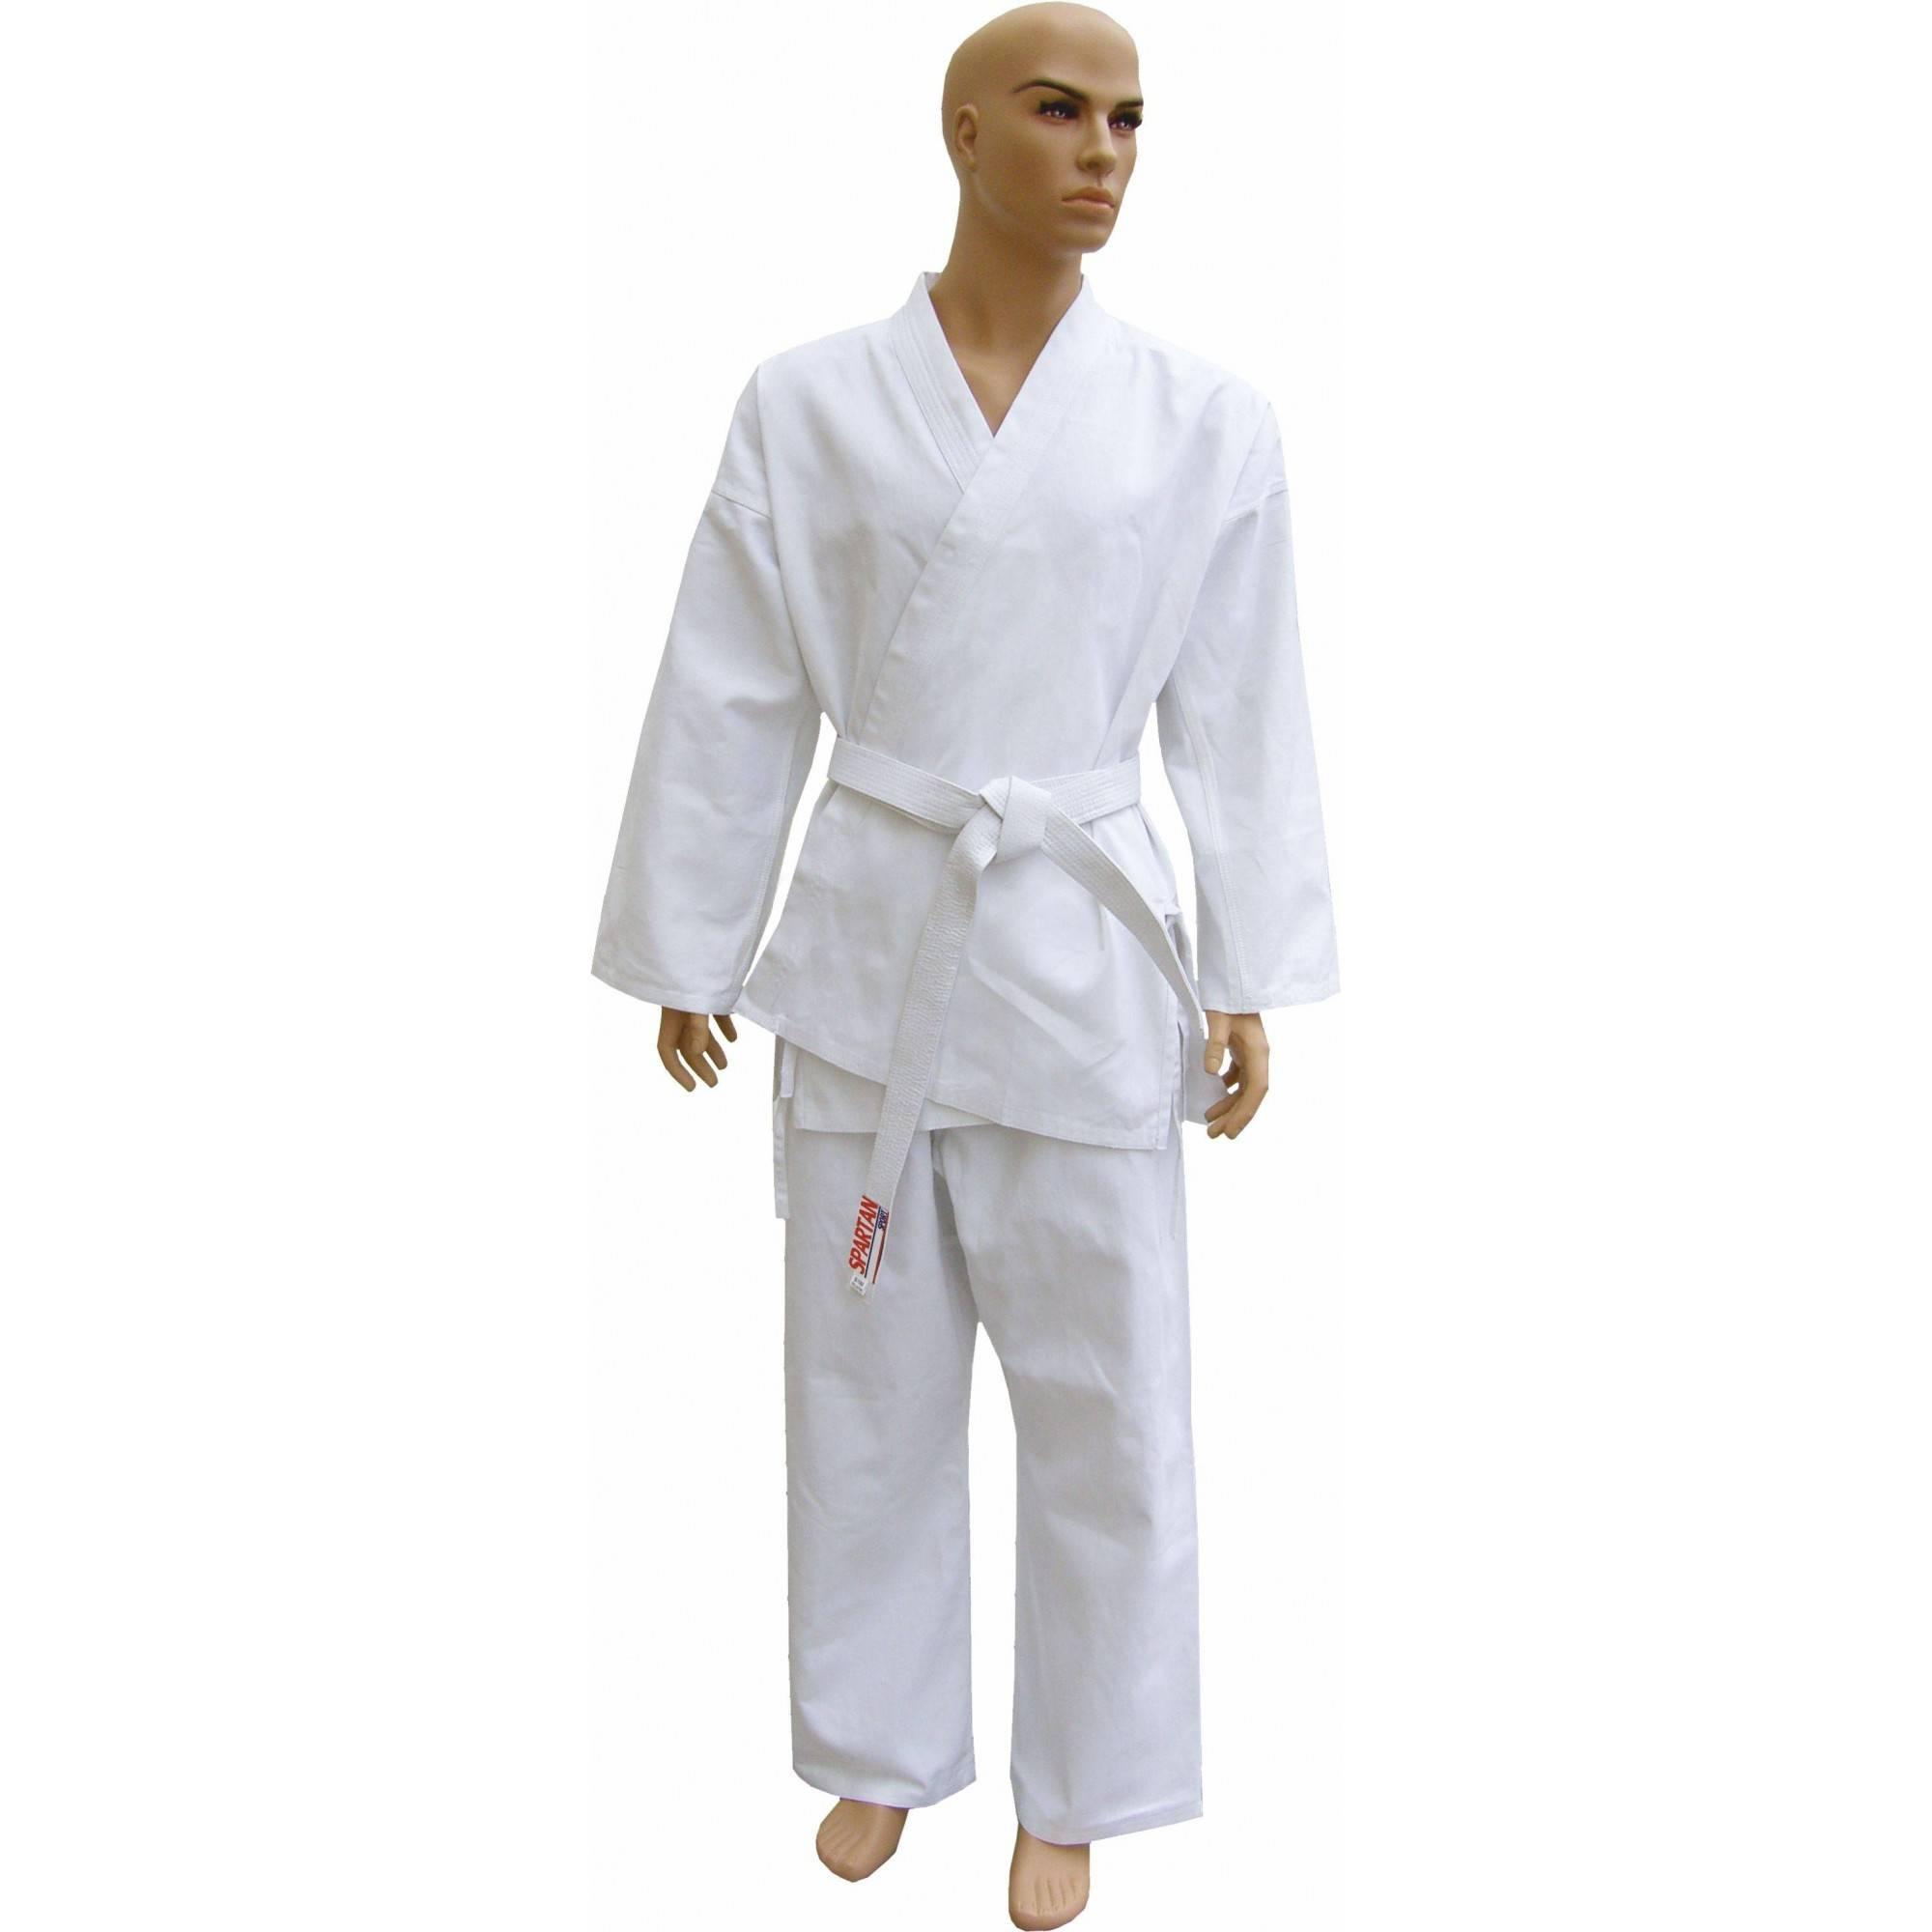 Kimono karate z pasem Spartan Sport | 9oz | białe,producent: SPARTAN SPORT, zdjecie photo: 1 | online shop klubfitness.pl | sprz